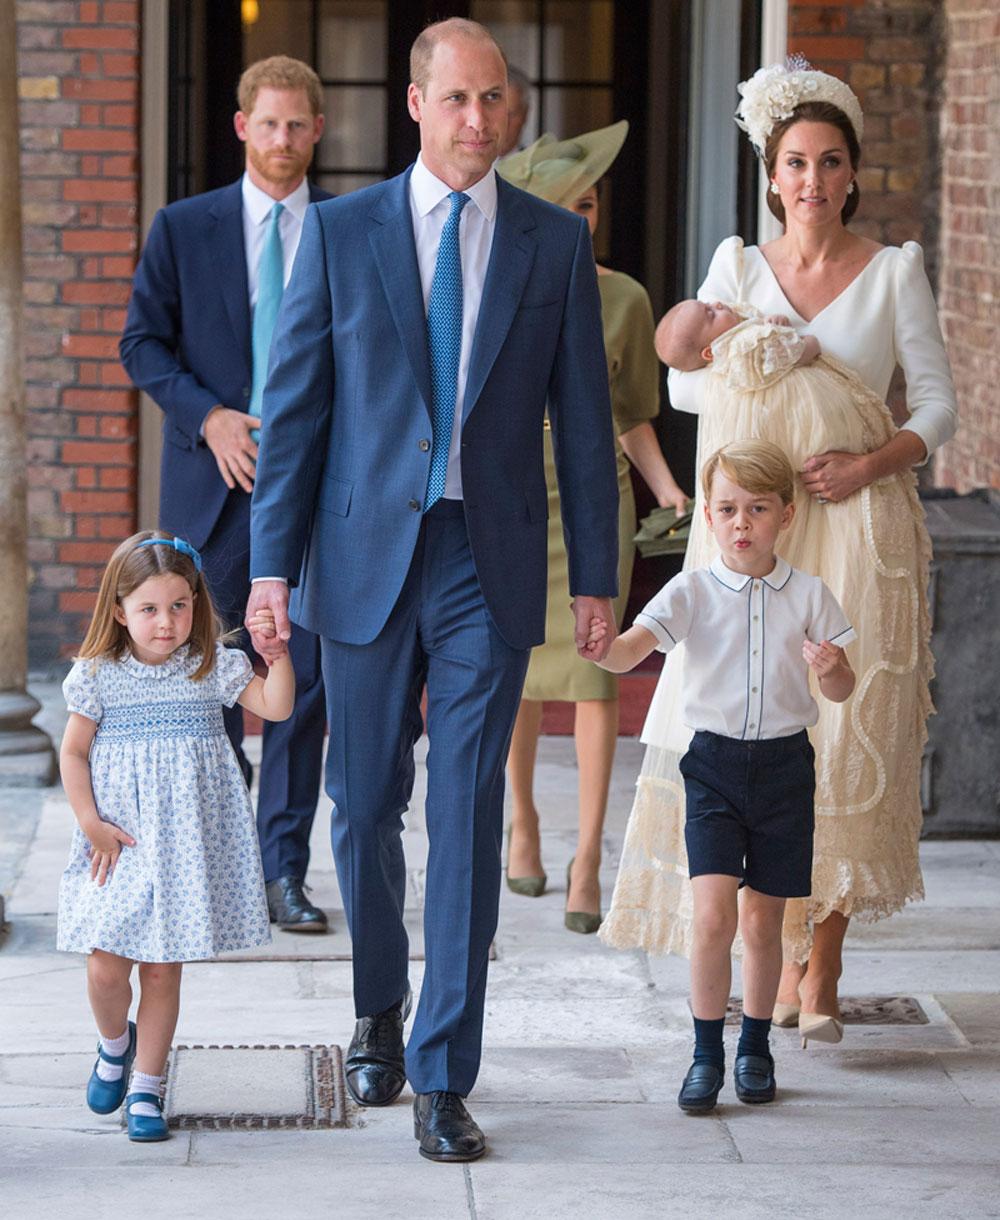 llegada-en-familia-los-duques-de-cambridge-sus-hijos-y-los-duques-de-sussex